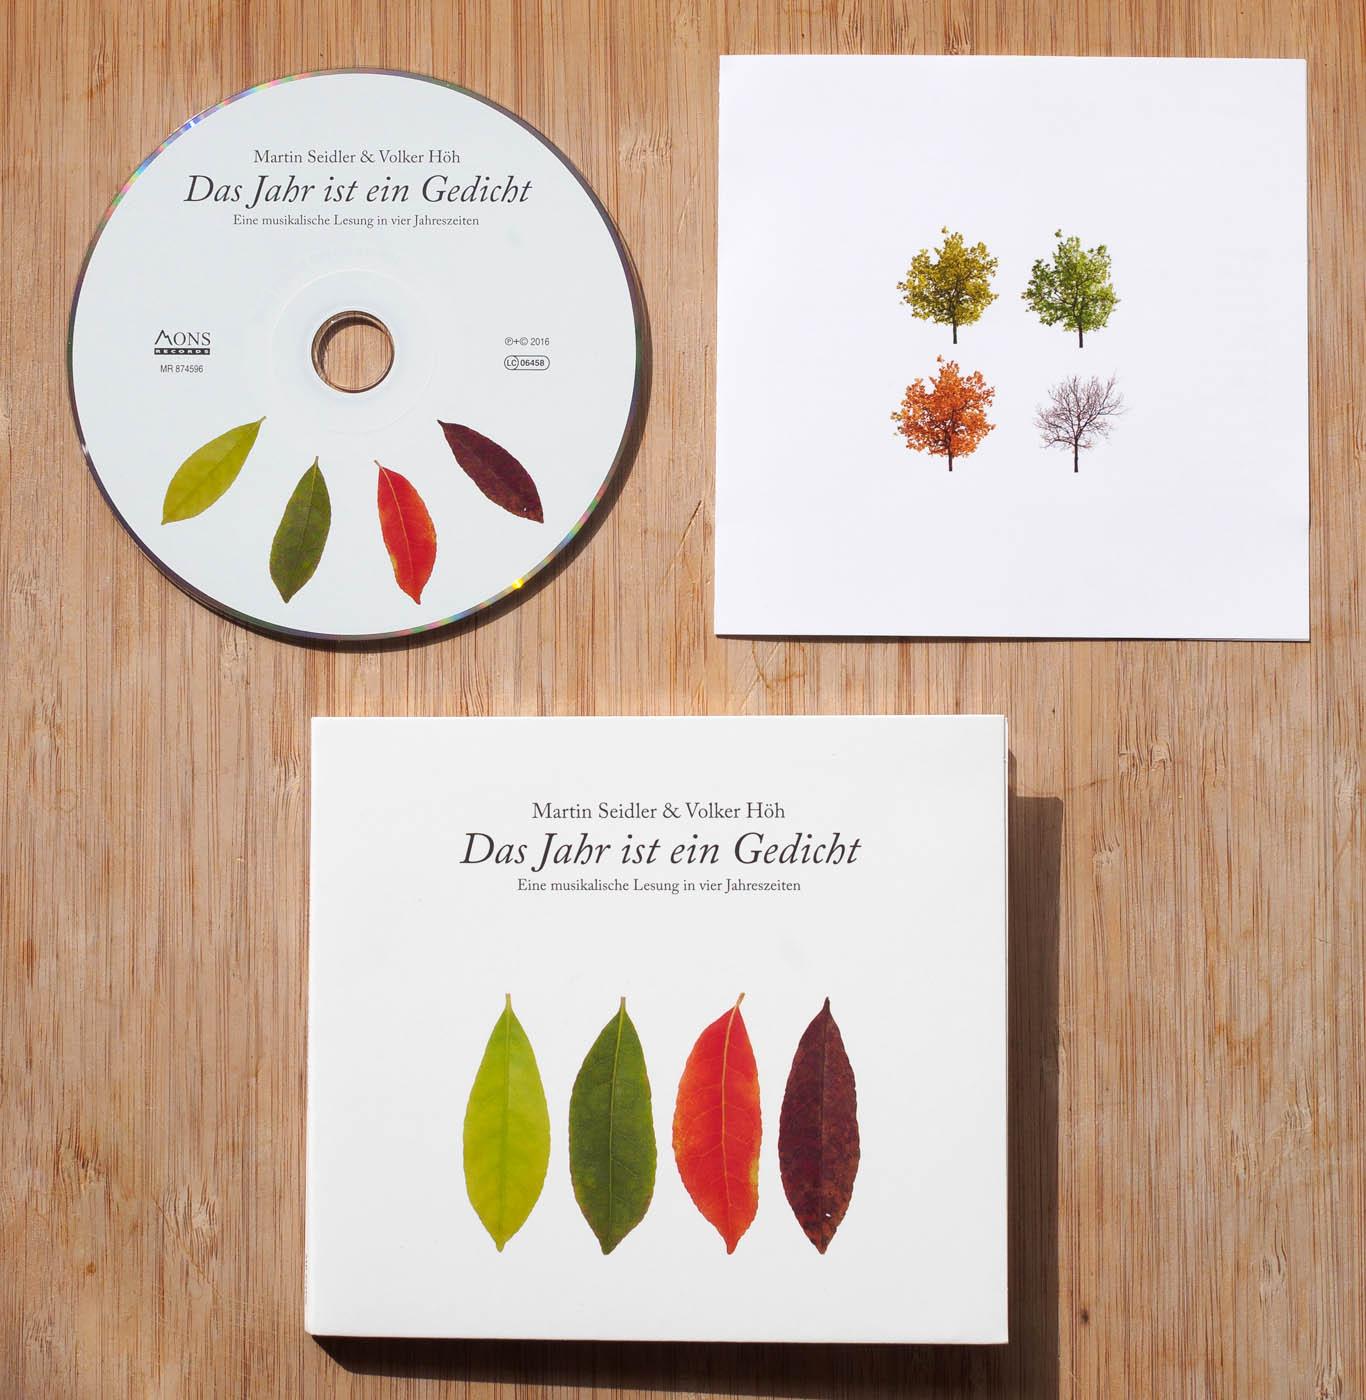 Das Jahr ist ein Gedicht (CD, Booklet & Digipak)